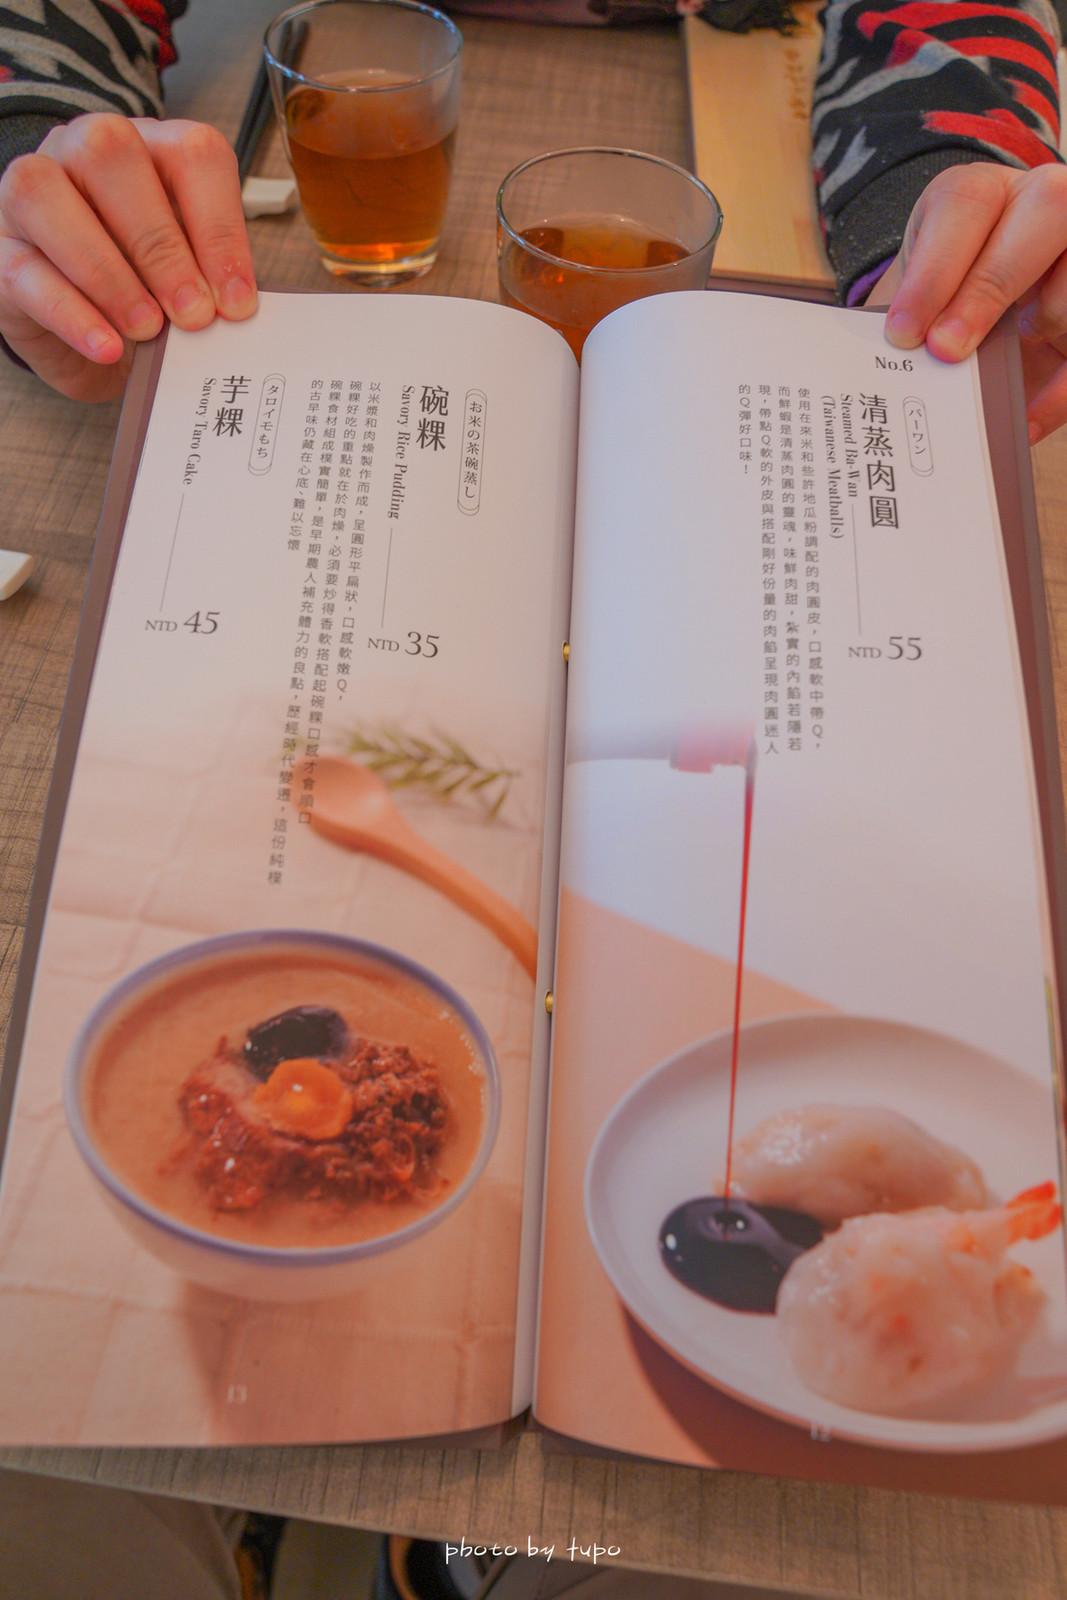 桃園銅板飯店美食 名人堂花園大飯店台灣美食小吃街 通通都是百元以下的銅板餐點~飯店等級,菜單,價位,不收服務費